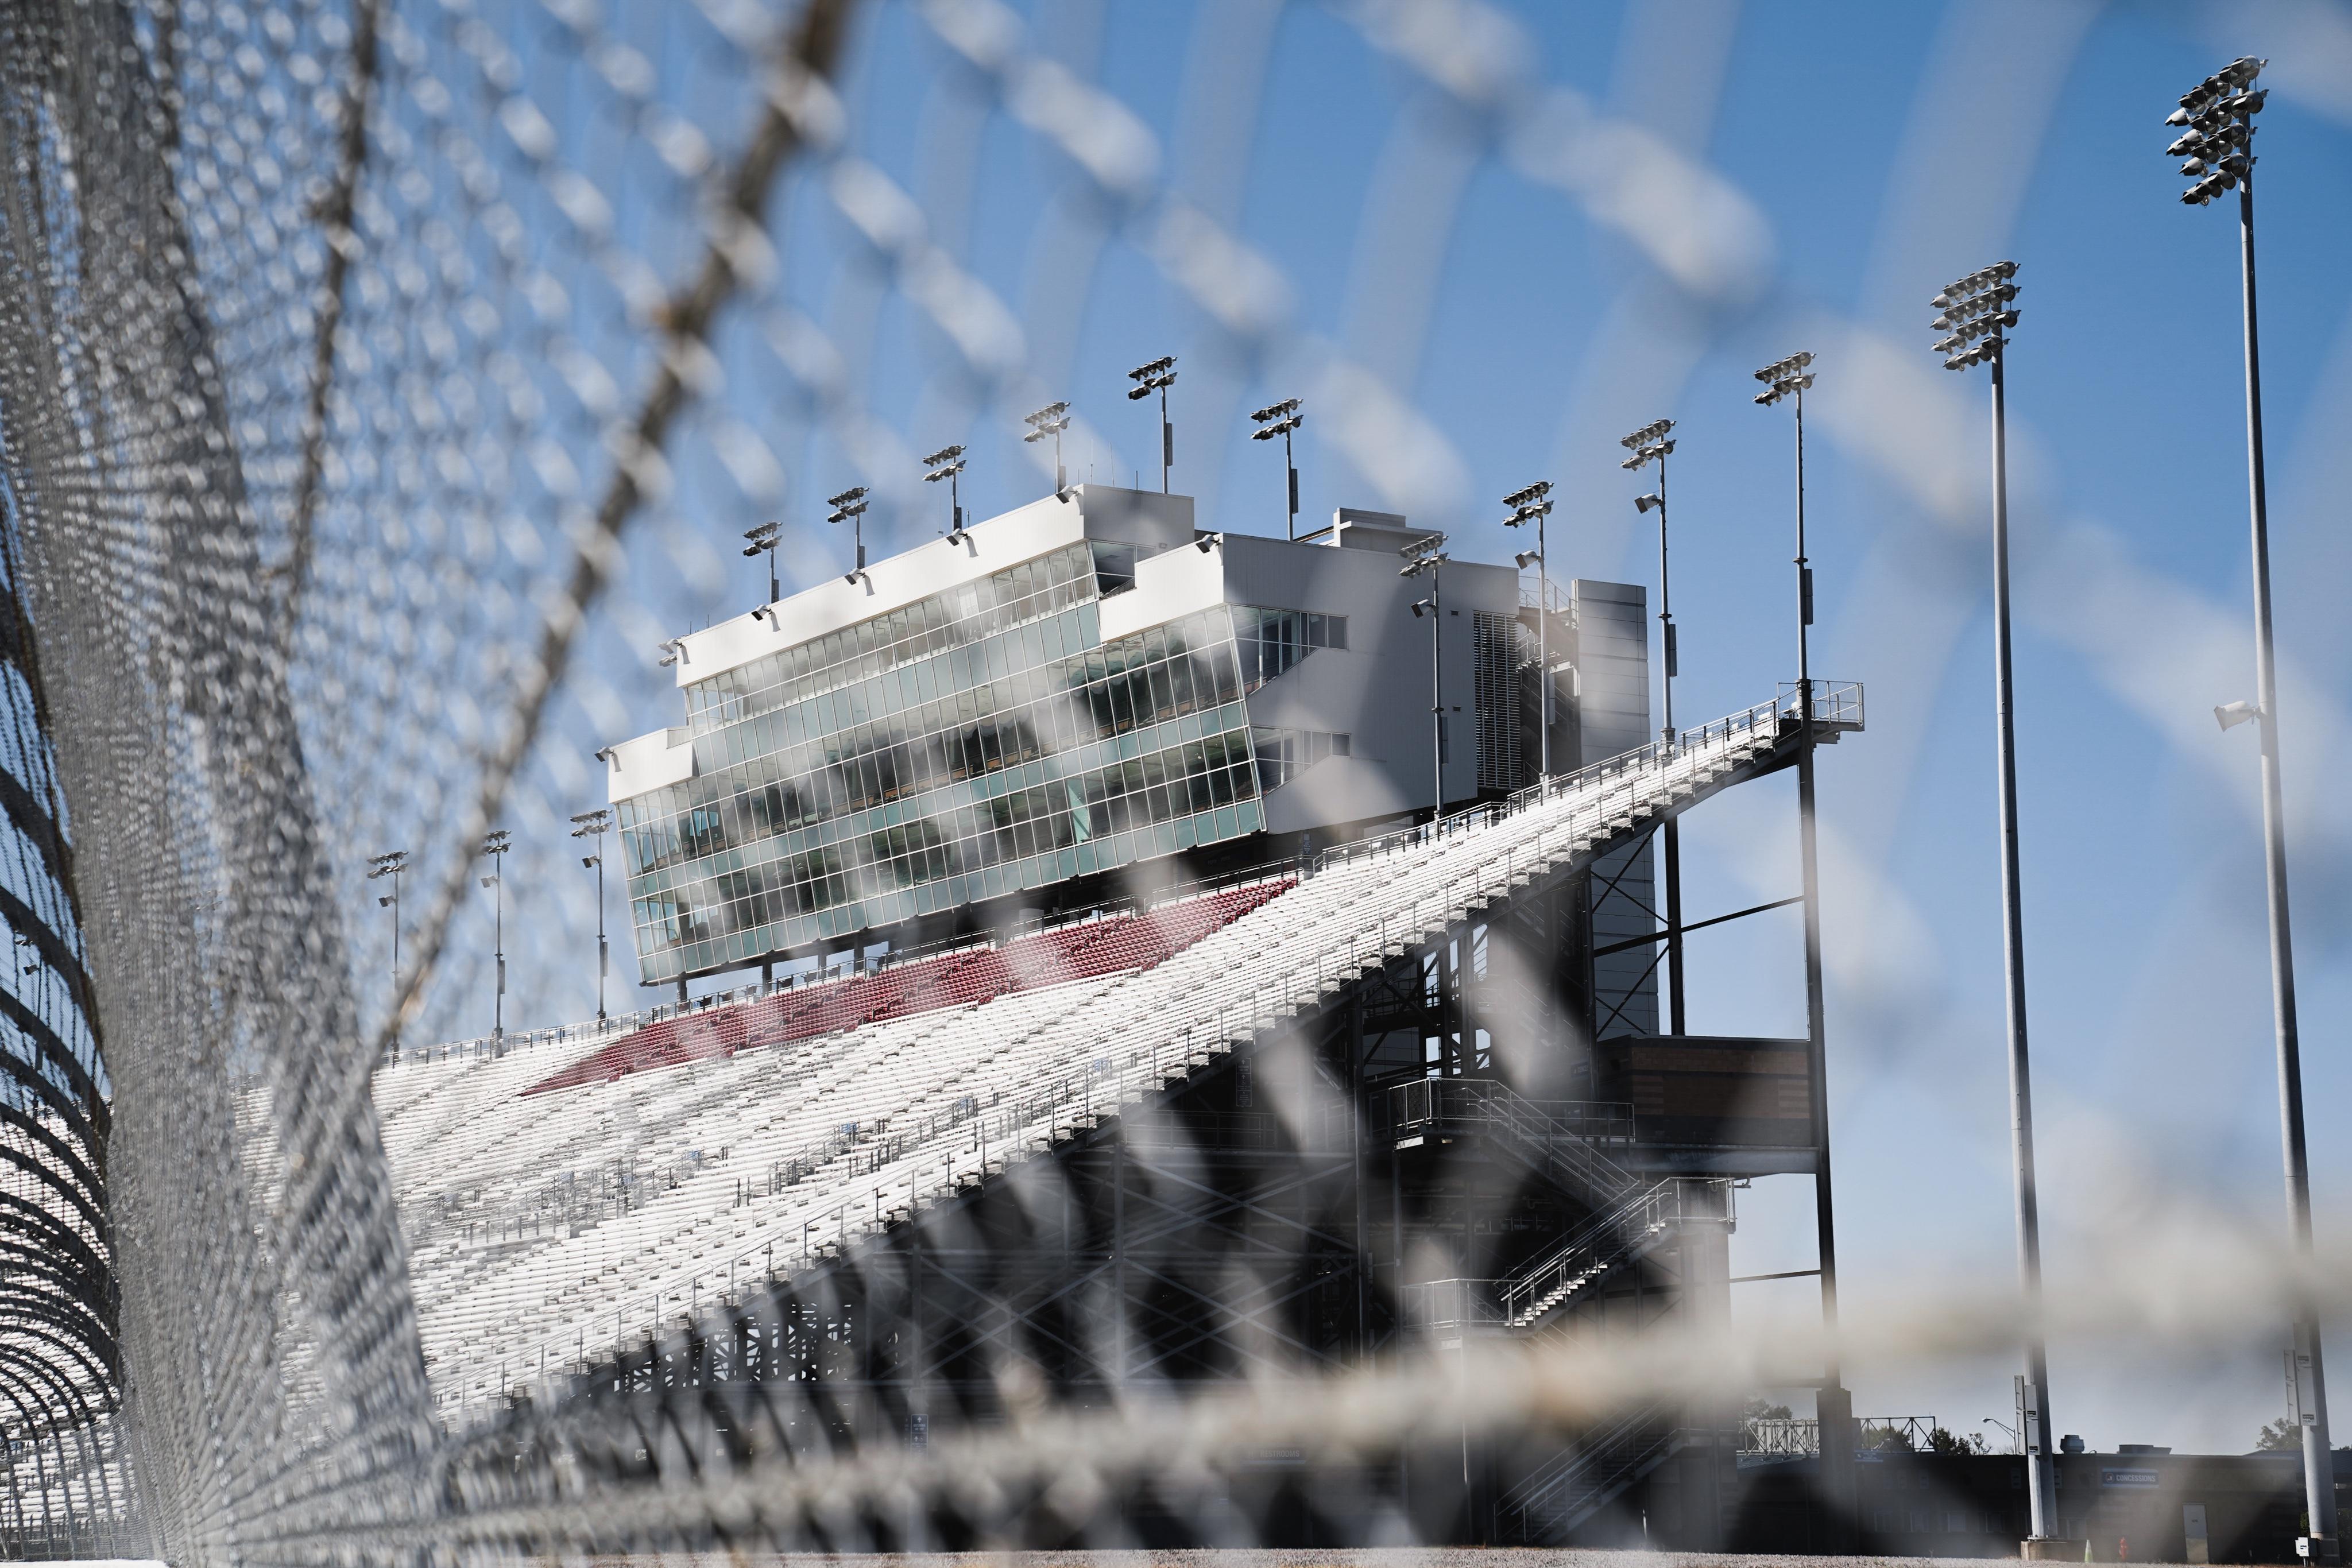 Nashville SuperSpeedway - NASCAR Track